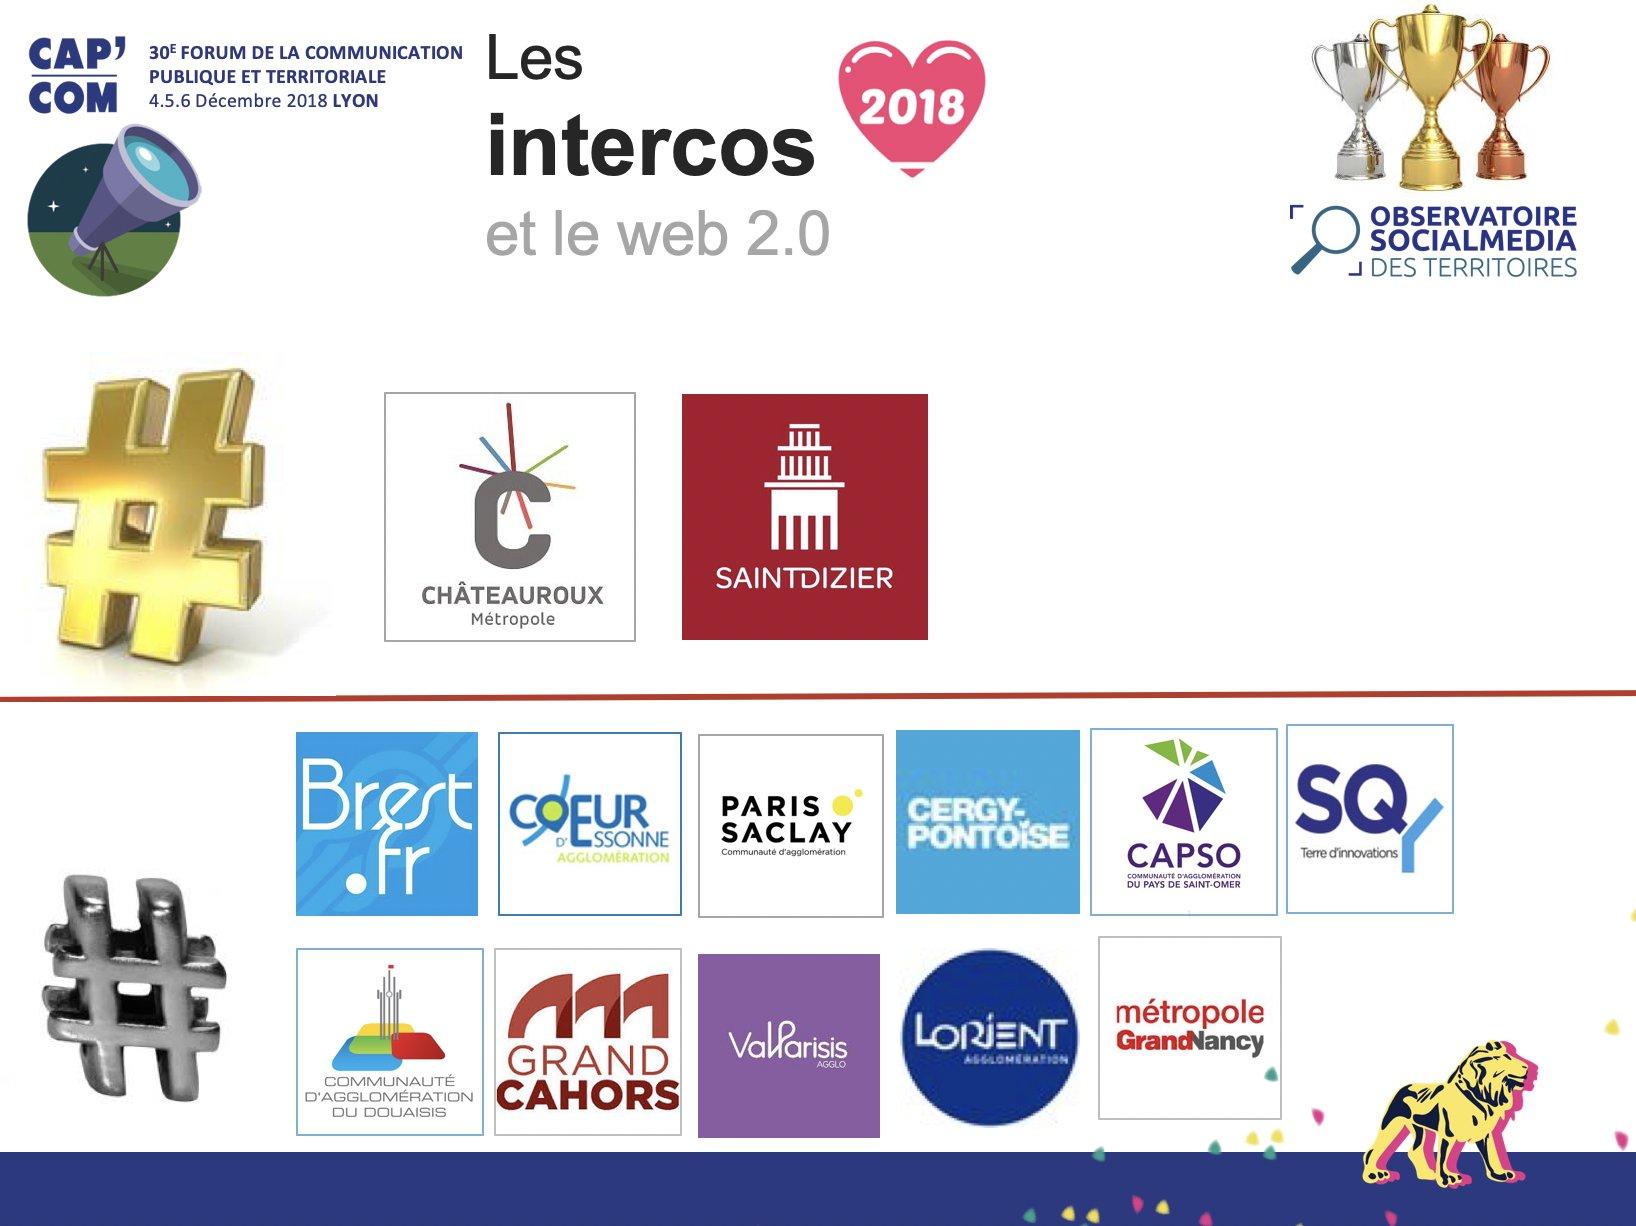 🤩👏💪L'agglo #ParisSaclay récompensée du Hashtag d'Argent pour son agilité sur les réseaux sociaux, par l'@ObservatoireRS | catégorie Intercos. Merci !!! #LisibilitéStrateIntercommunale #Expliquer #partager #créerDuLien #Réseau #Ensemble twitter.com/ObservatoireRS…